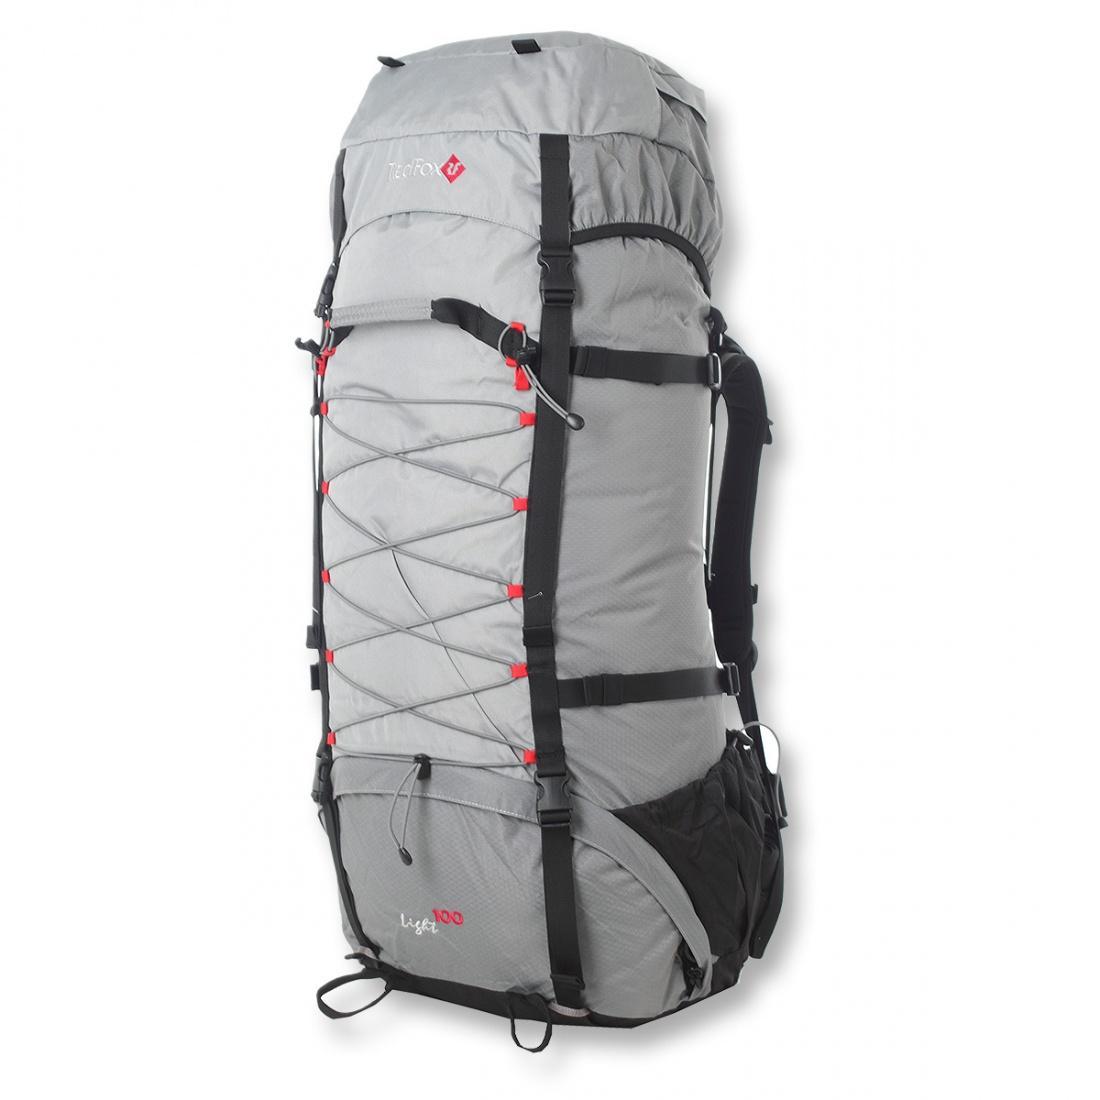 Рюкзак Light 100Туристические, треккинговые<br><br> Лёгкий столитровый рюкзак Ред Фокс Light 100 для туризма. В рюкзаке используется подвесная система IBC, которая обеспечивает надёжную и удо...<br><br>Цвет: Серый<br>Размер: None